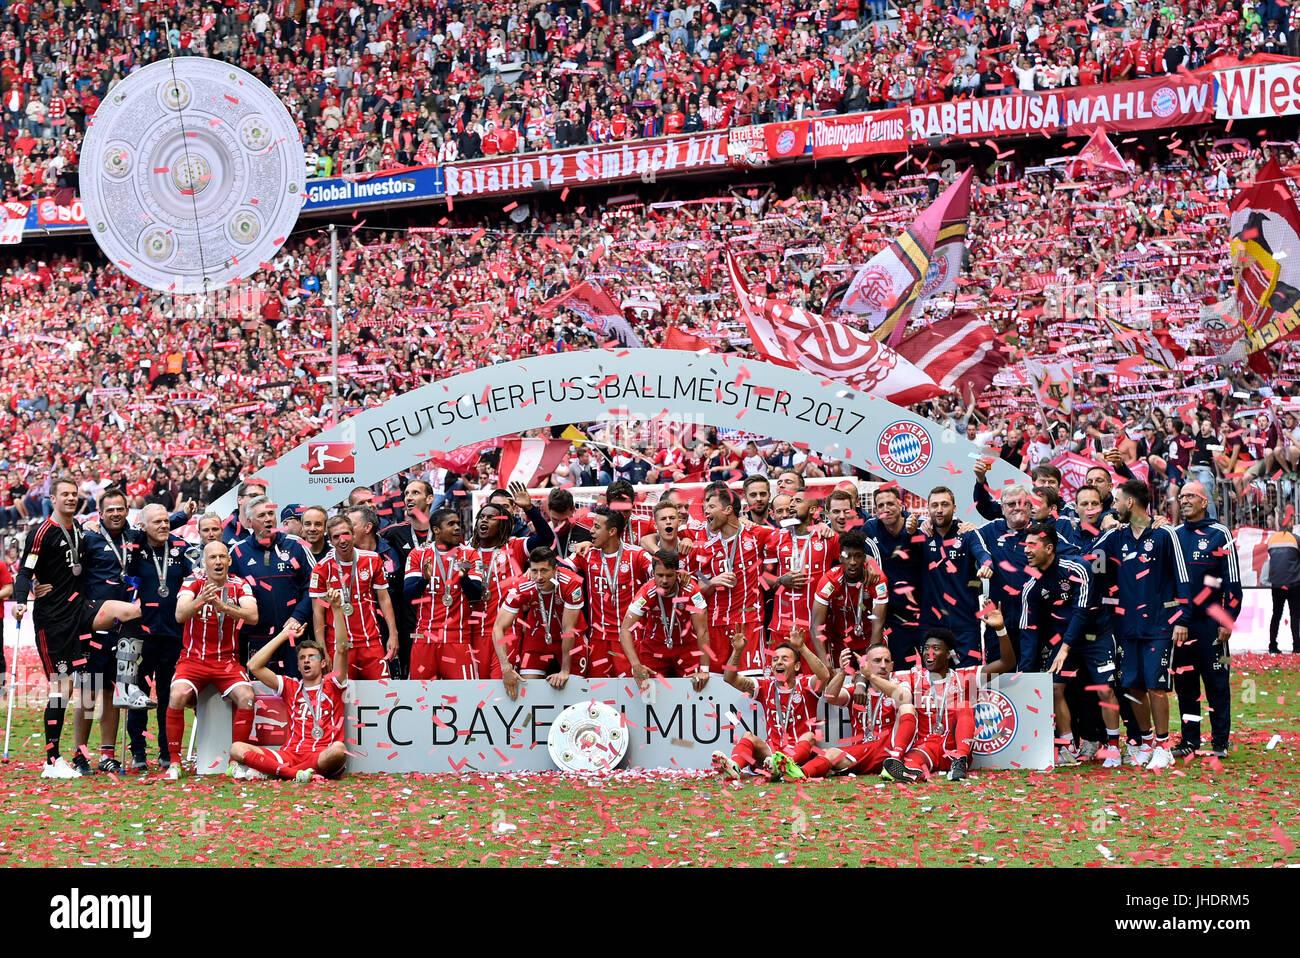 Fc bayern mannschaft treffen FC Bayern München (@FCBayern) | Twitter